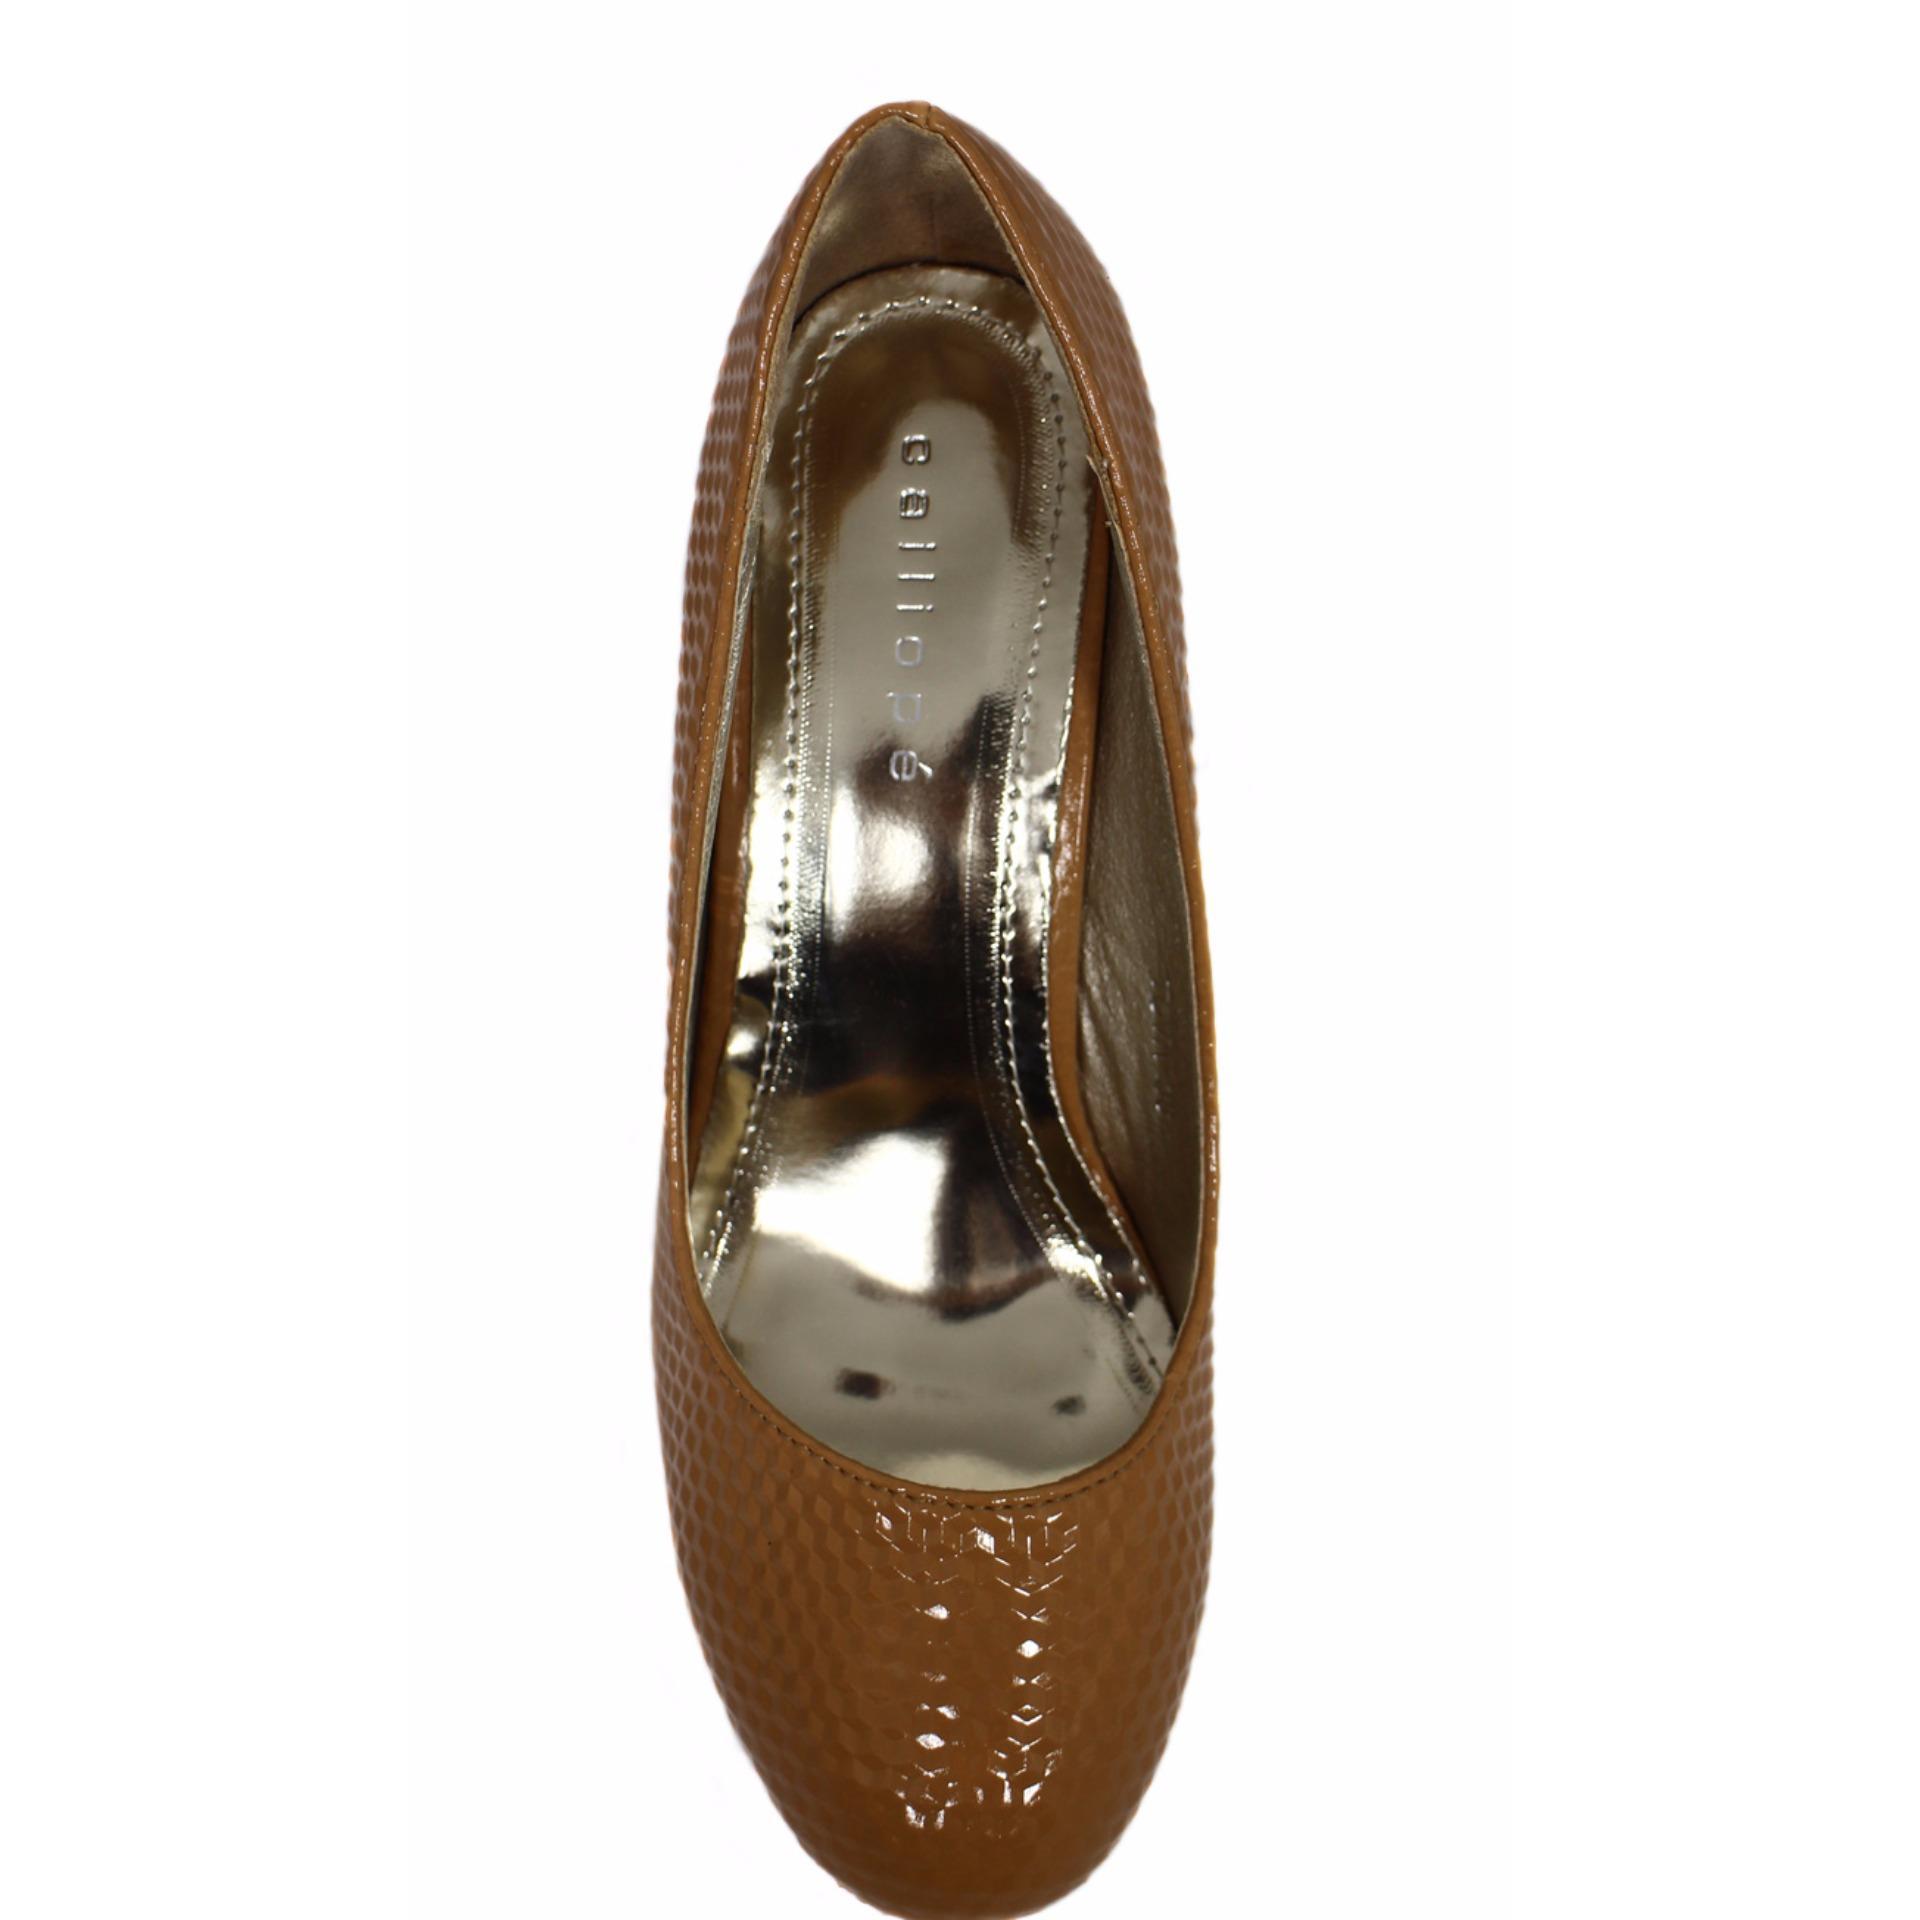 Toko Calliope Tova Sepatu Wanita Brown Lengkap